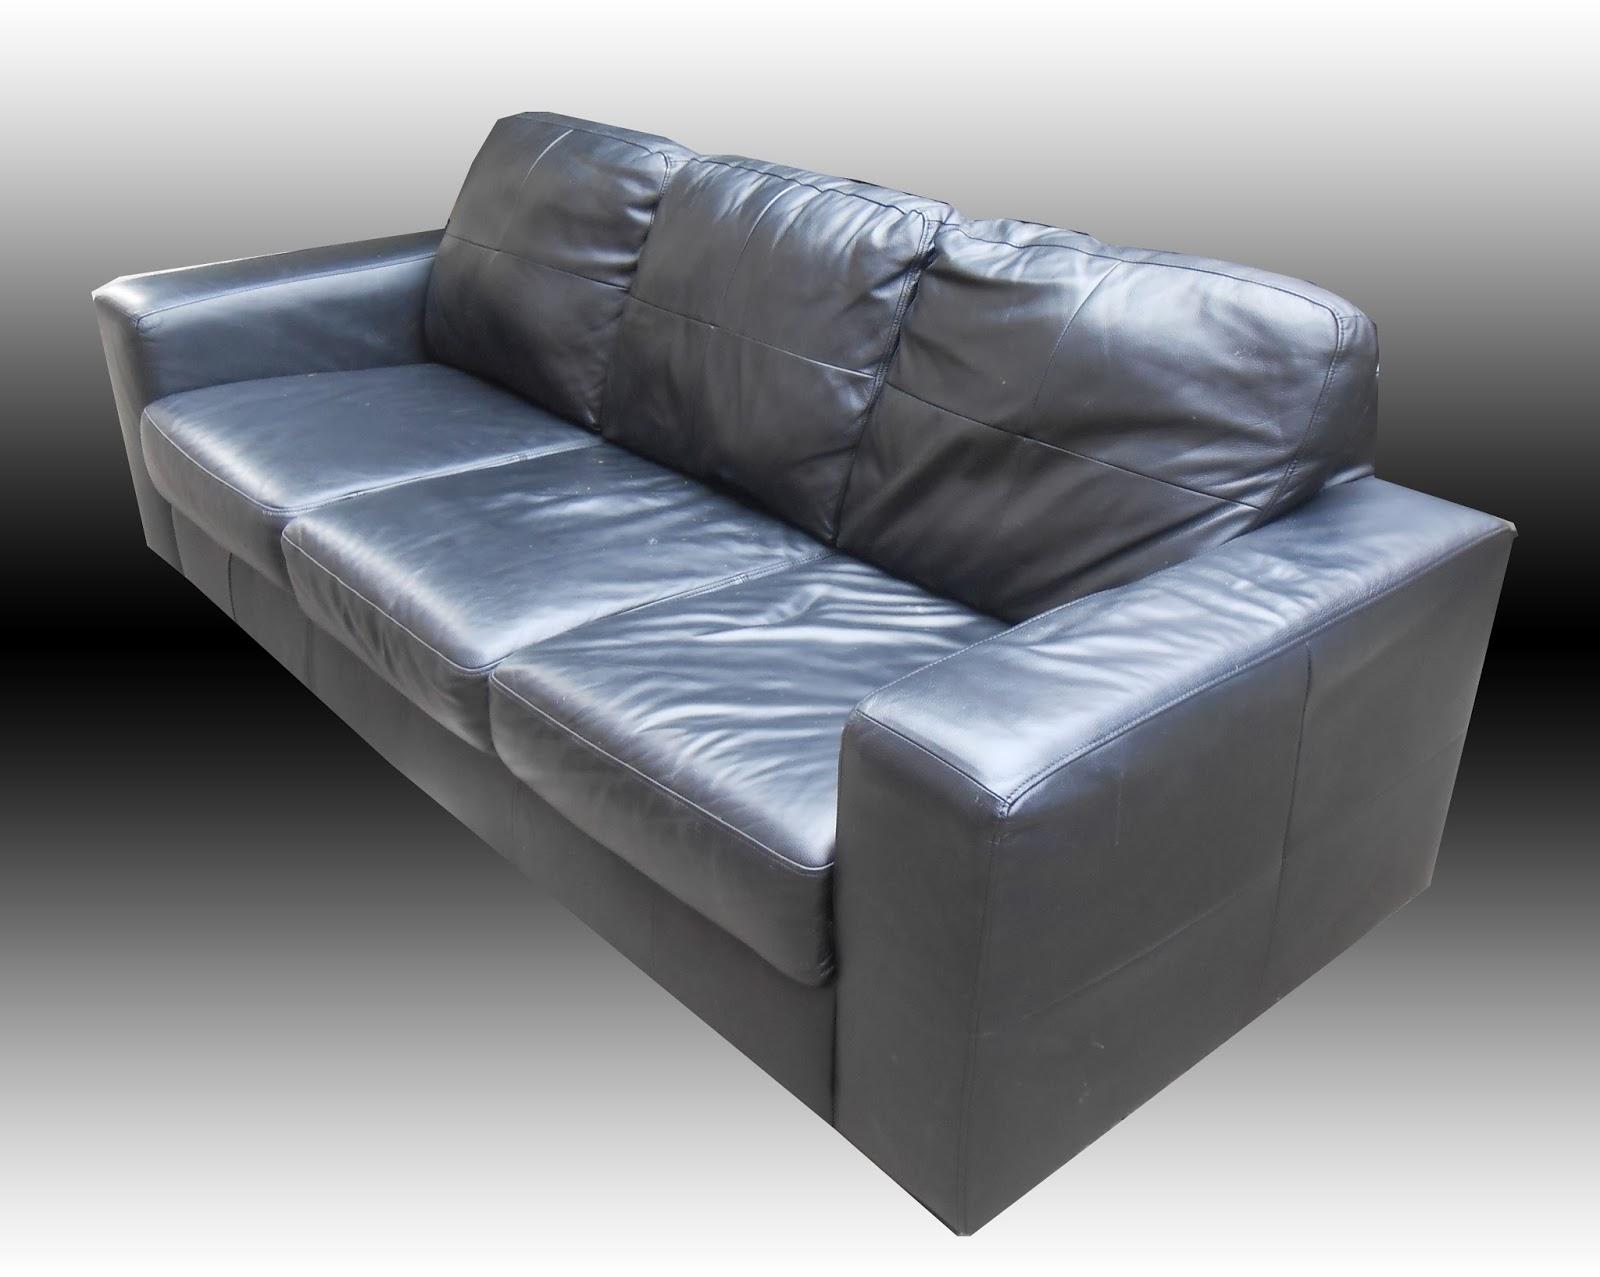 ikea black leather sofa - 28 images - ikea black leather ...